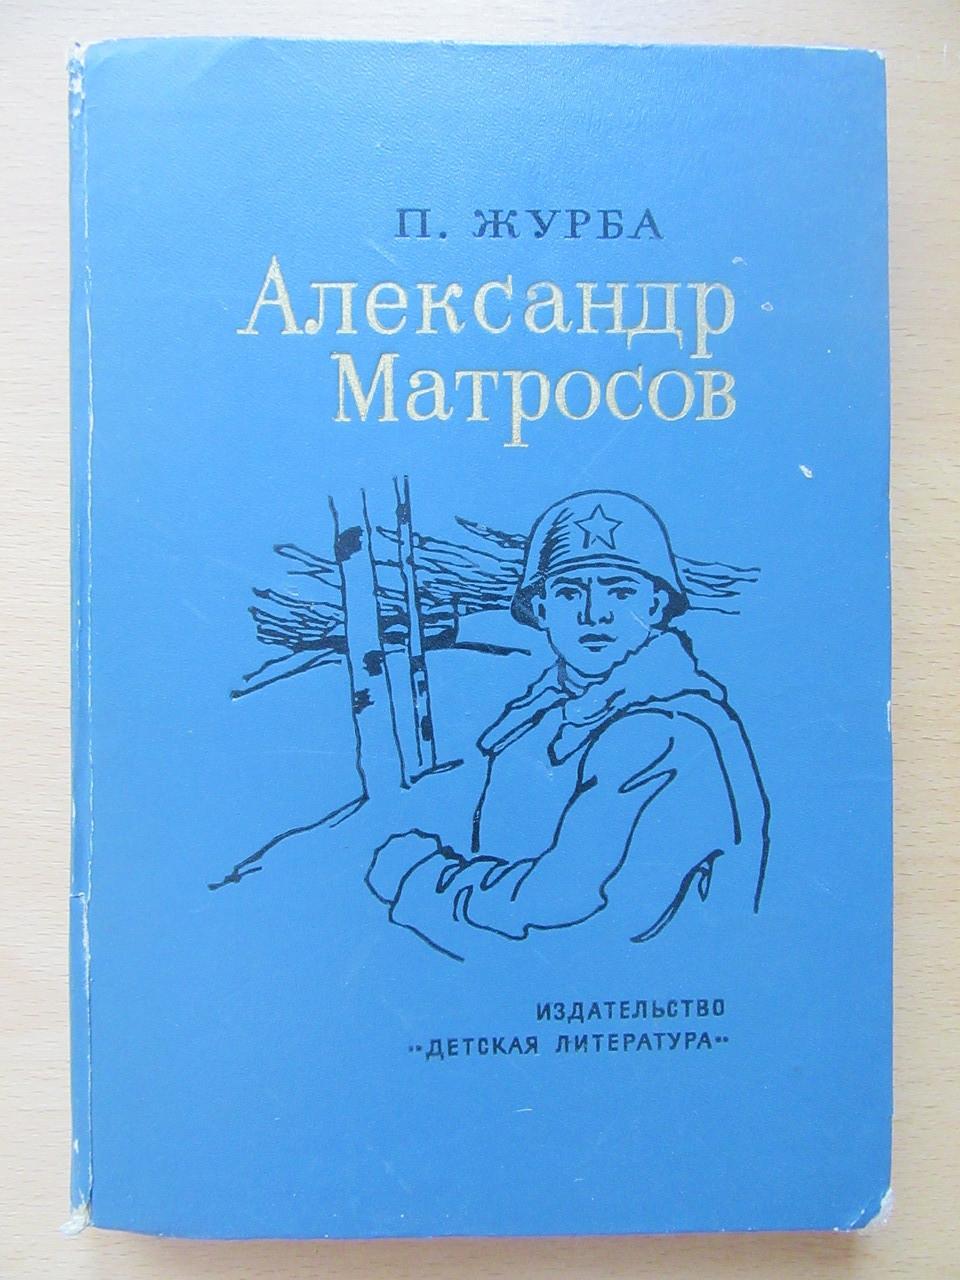 П.Журба. Александр Матросов